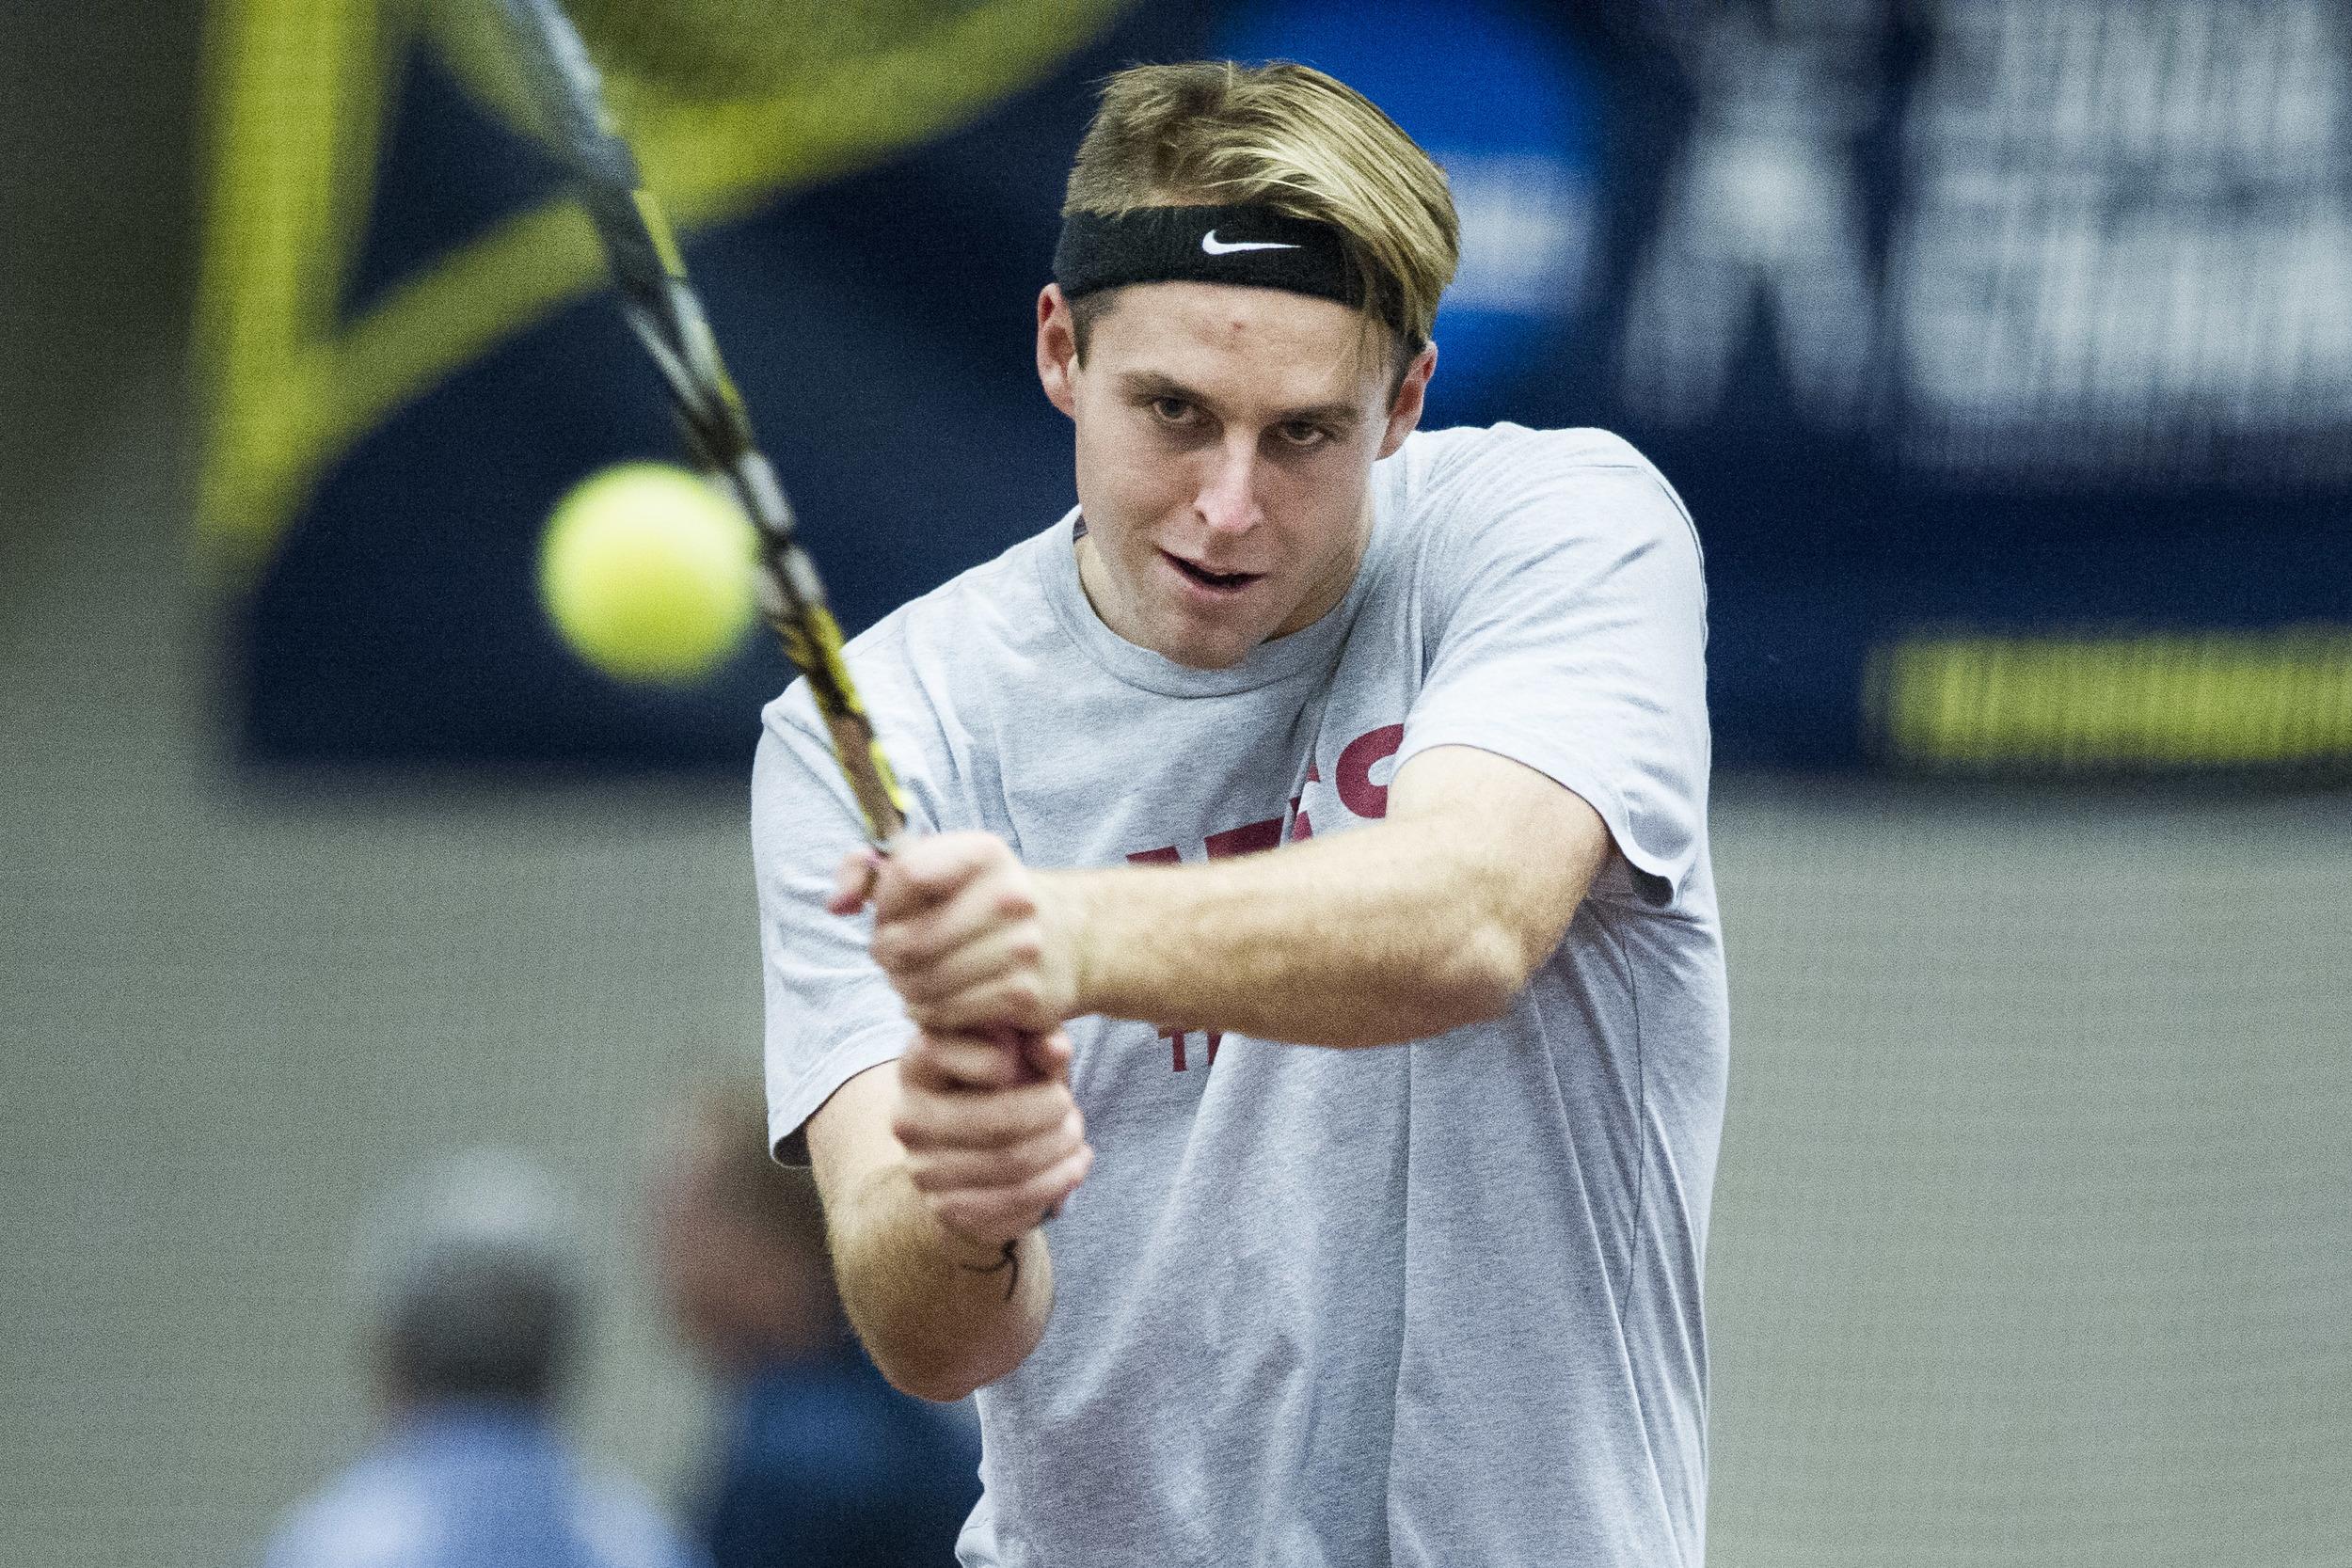 Fergus Scott '18 of Wellington, New Zealand returns a volley in practice.